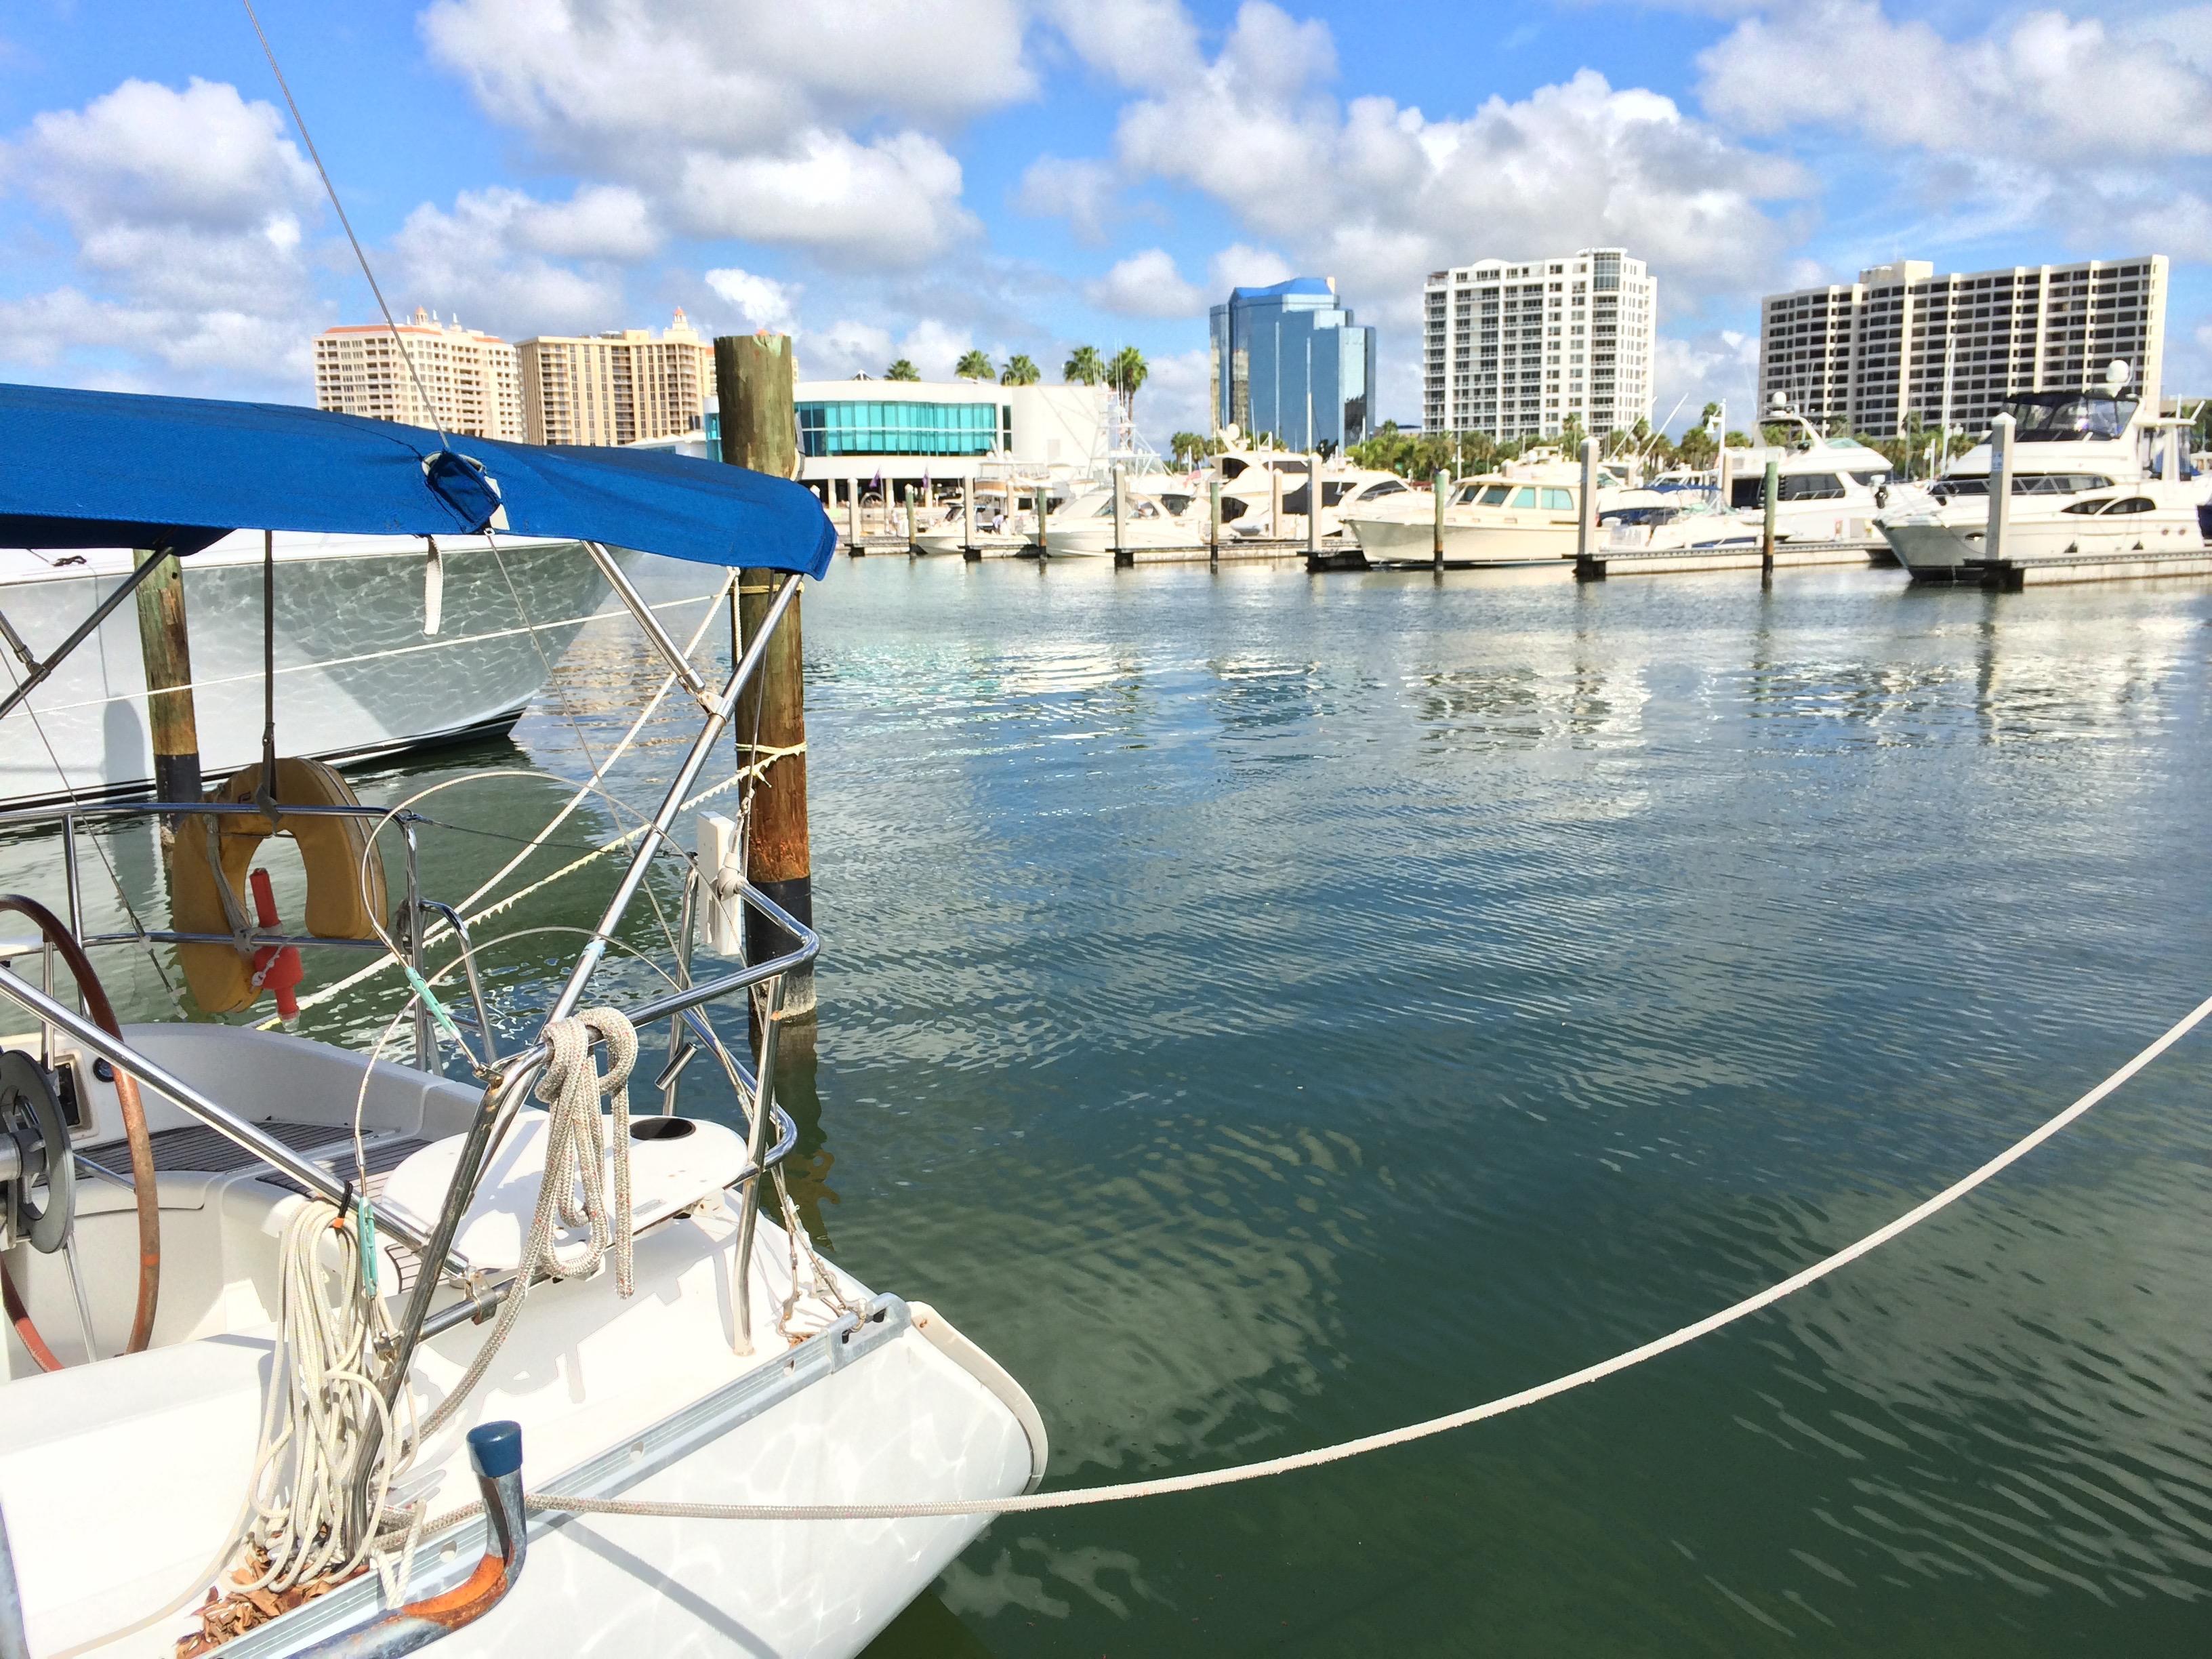 Marina Jacks, downtown Sarasota, Florida